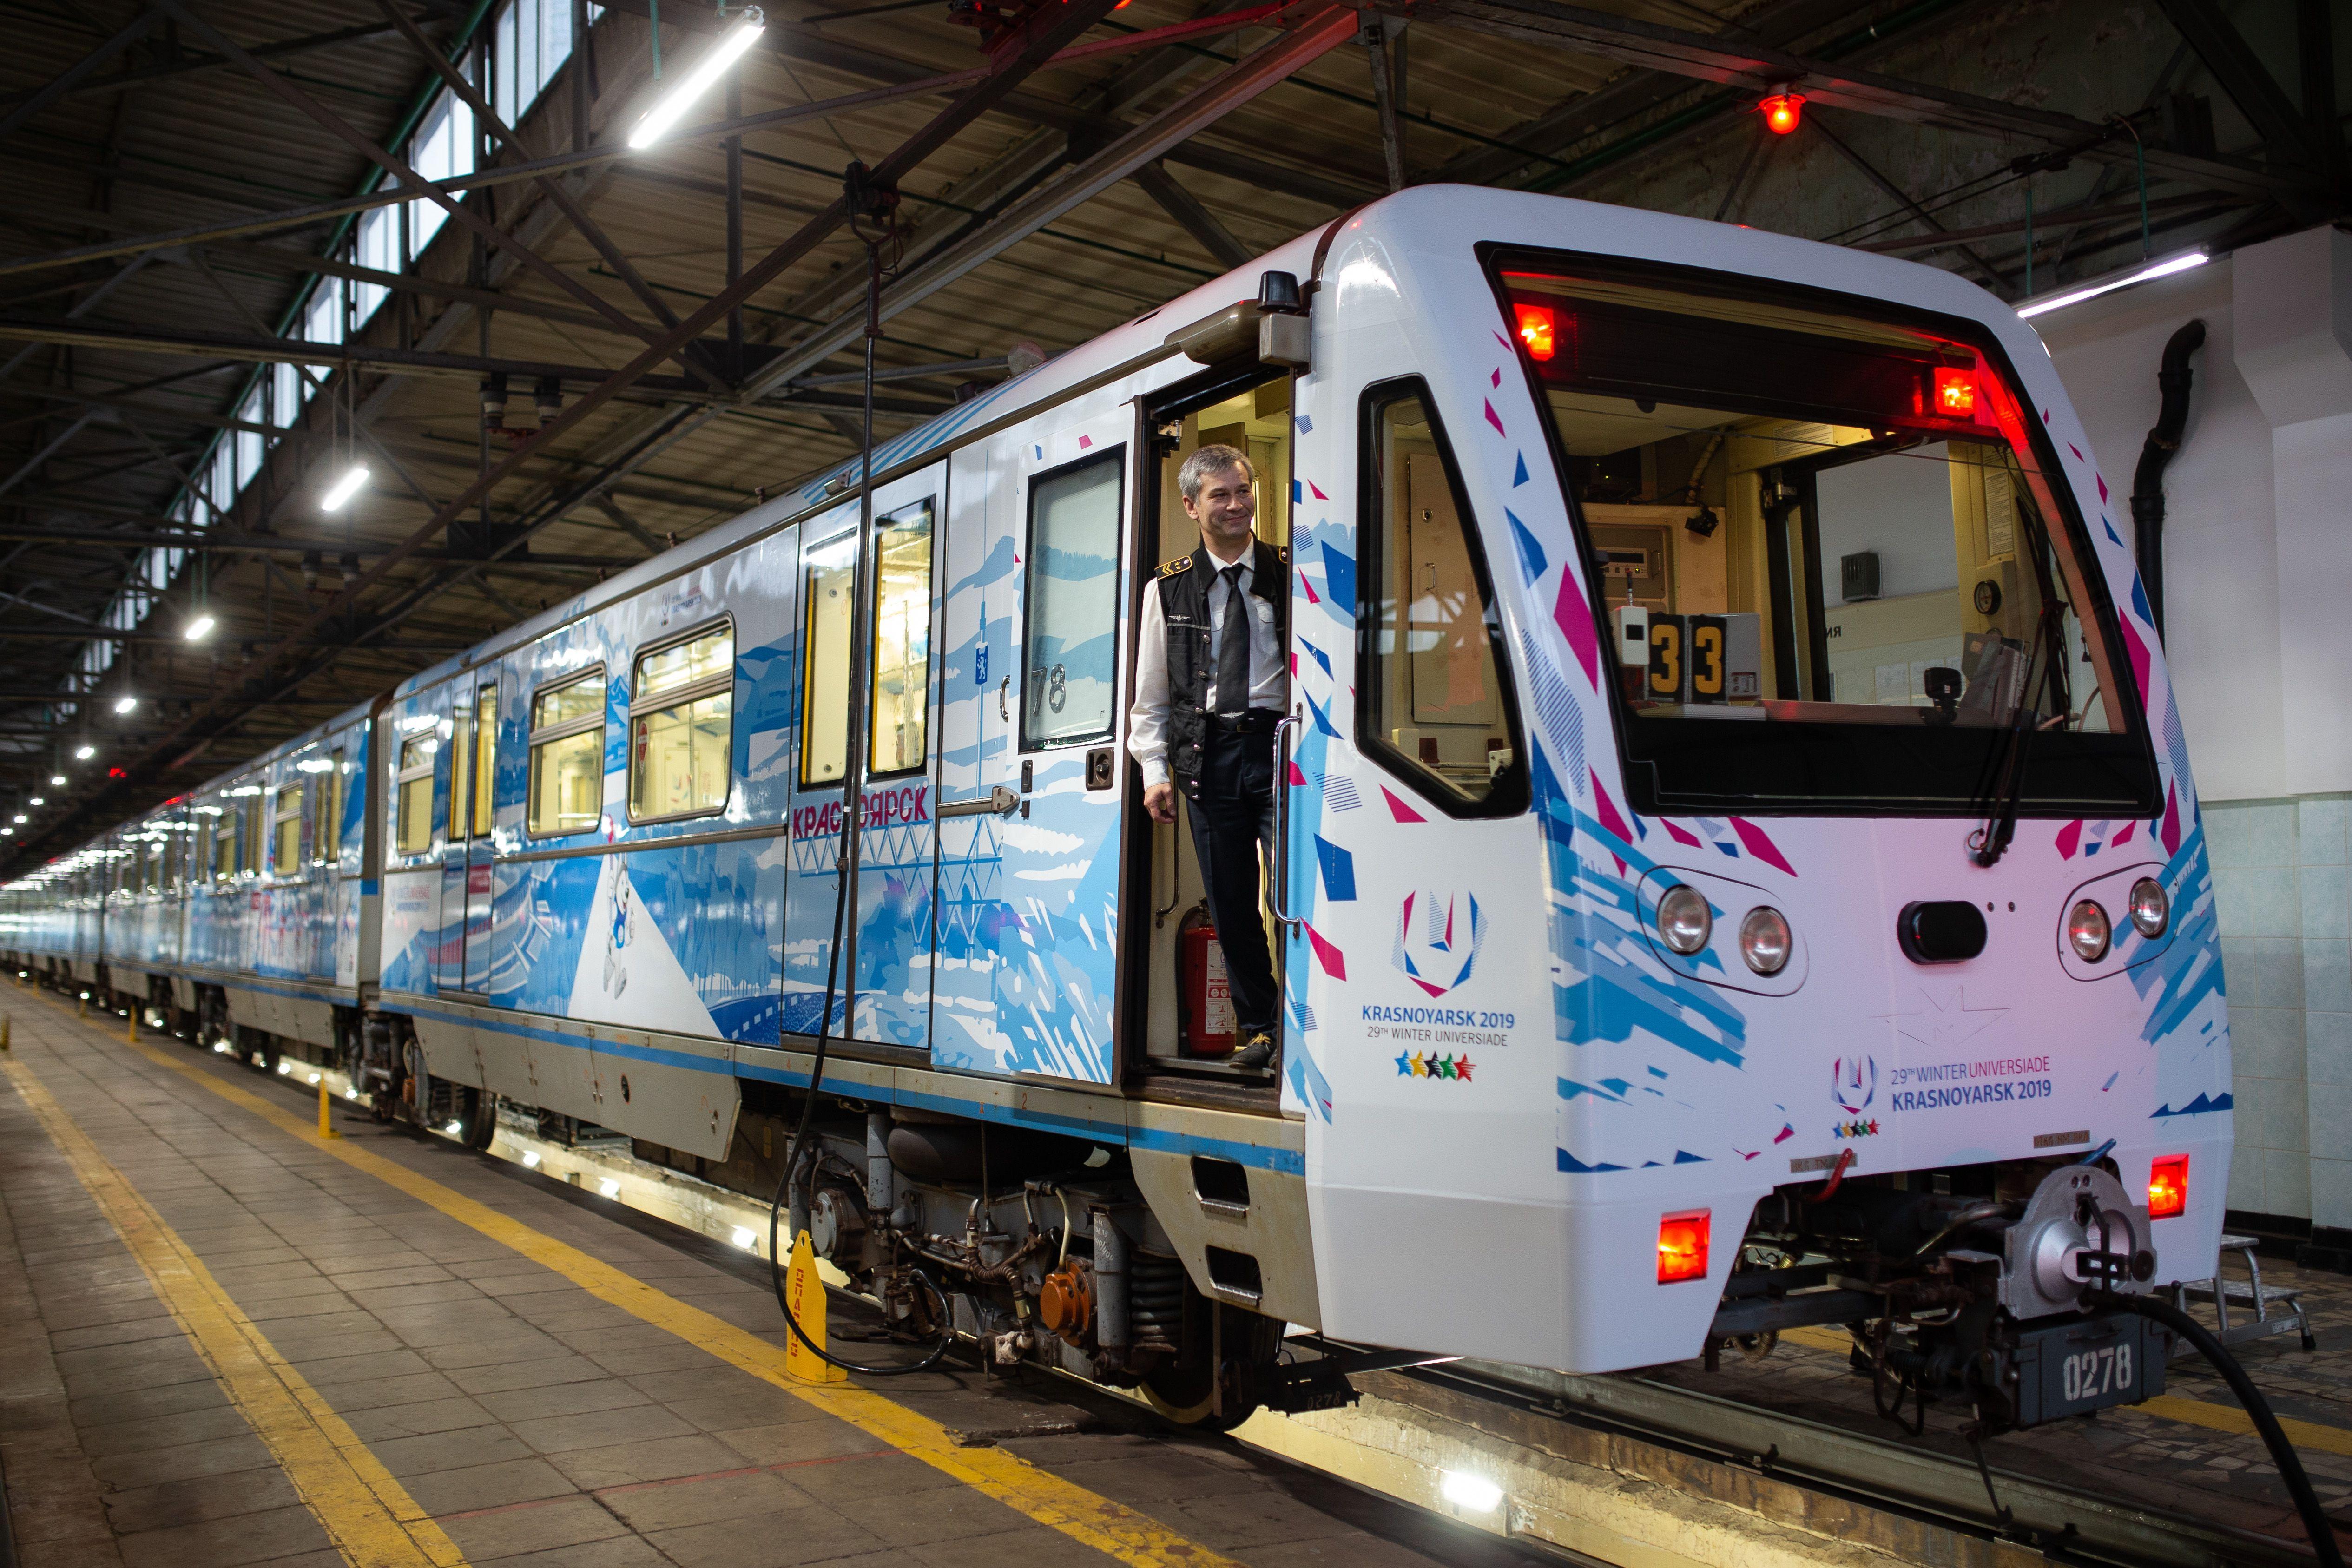 Оформление вагонов познакомит с особенностями региона. Фото: пресс-служба метрополитена